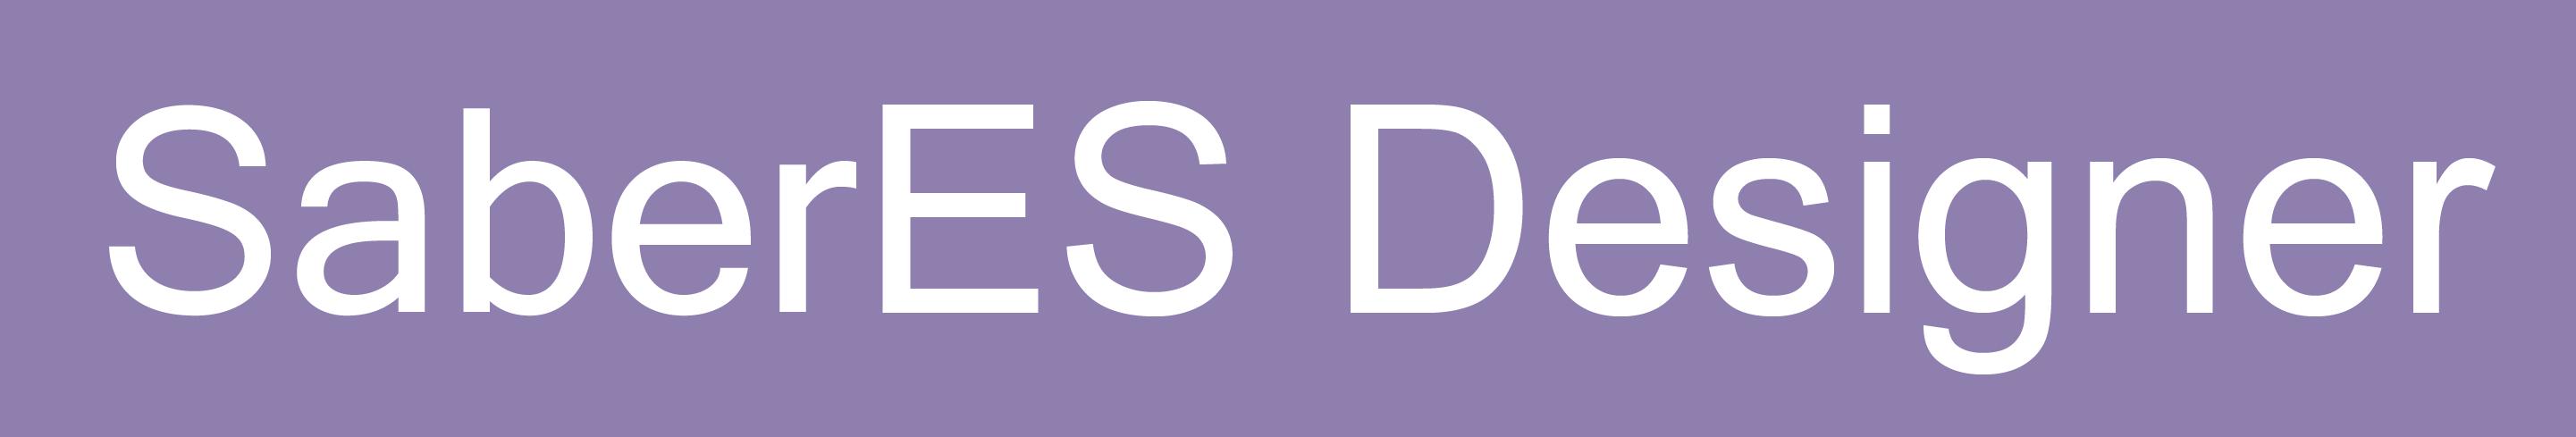 SaberESD-1.png logo